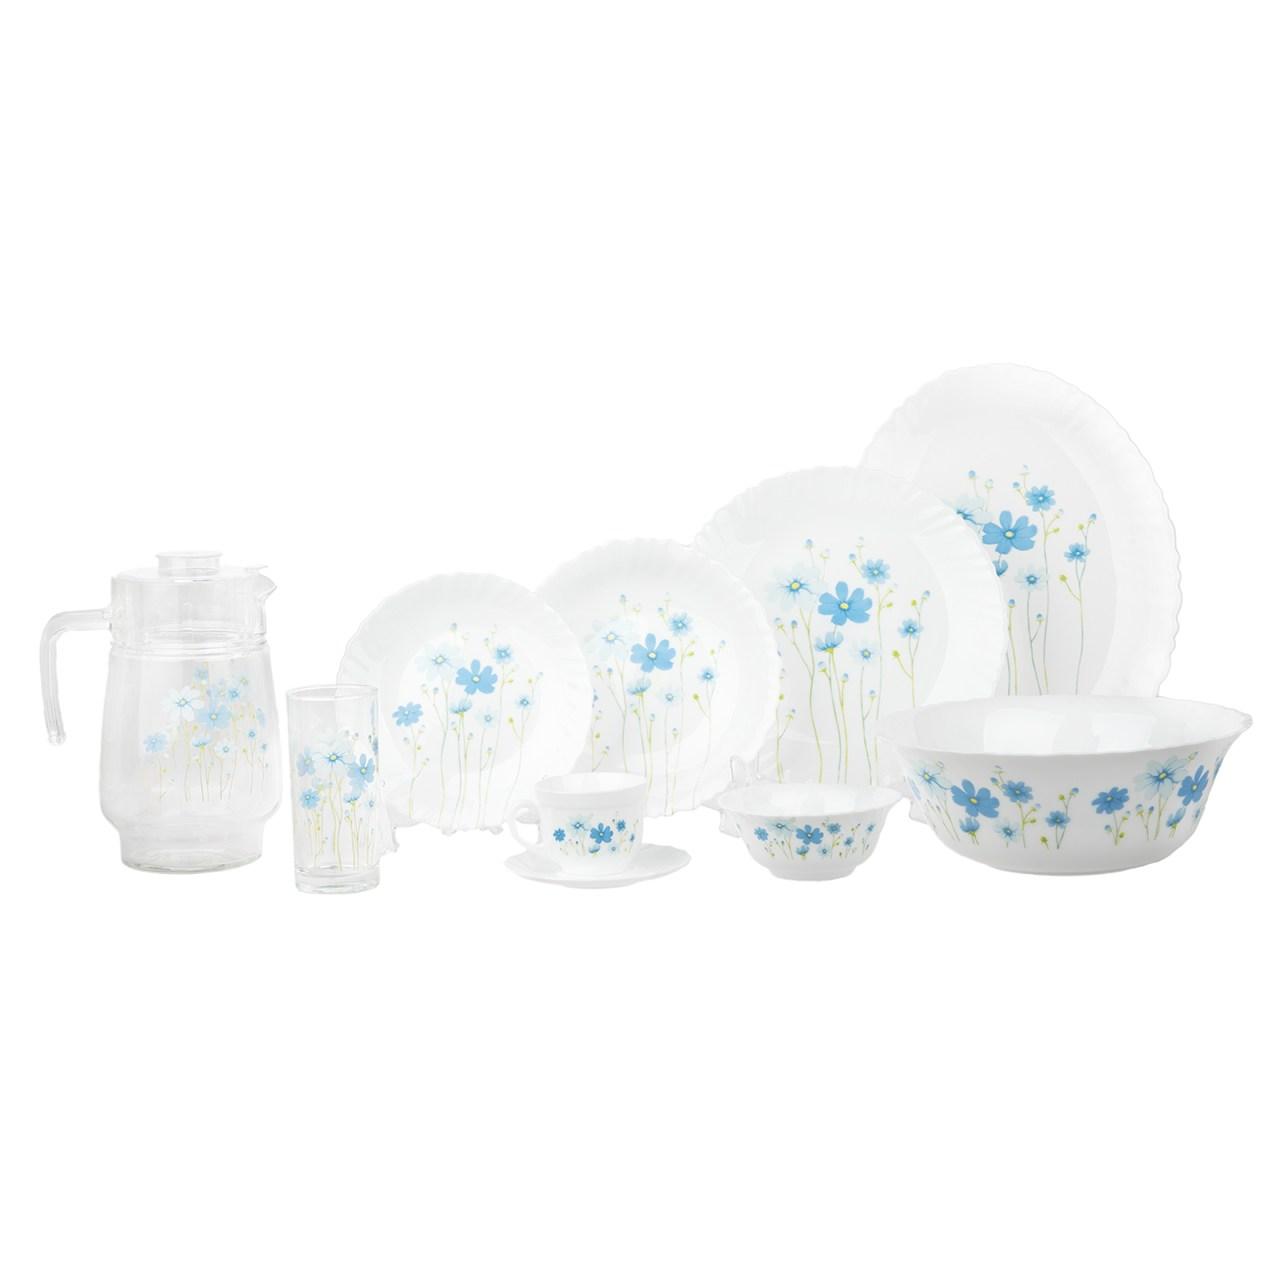 سرویس غذاخوری 38 پارچه لومینارک مدل Country Flowers به همراه ست 7 پارچه پارچ و لیوان